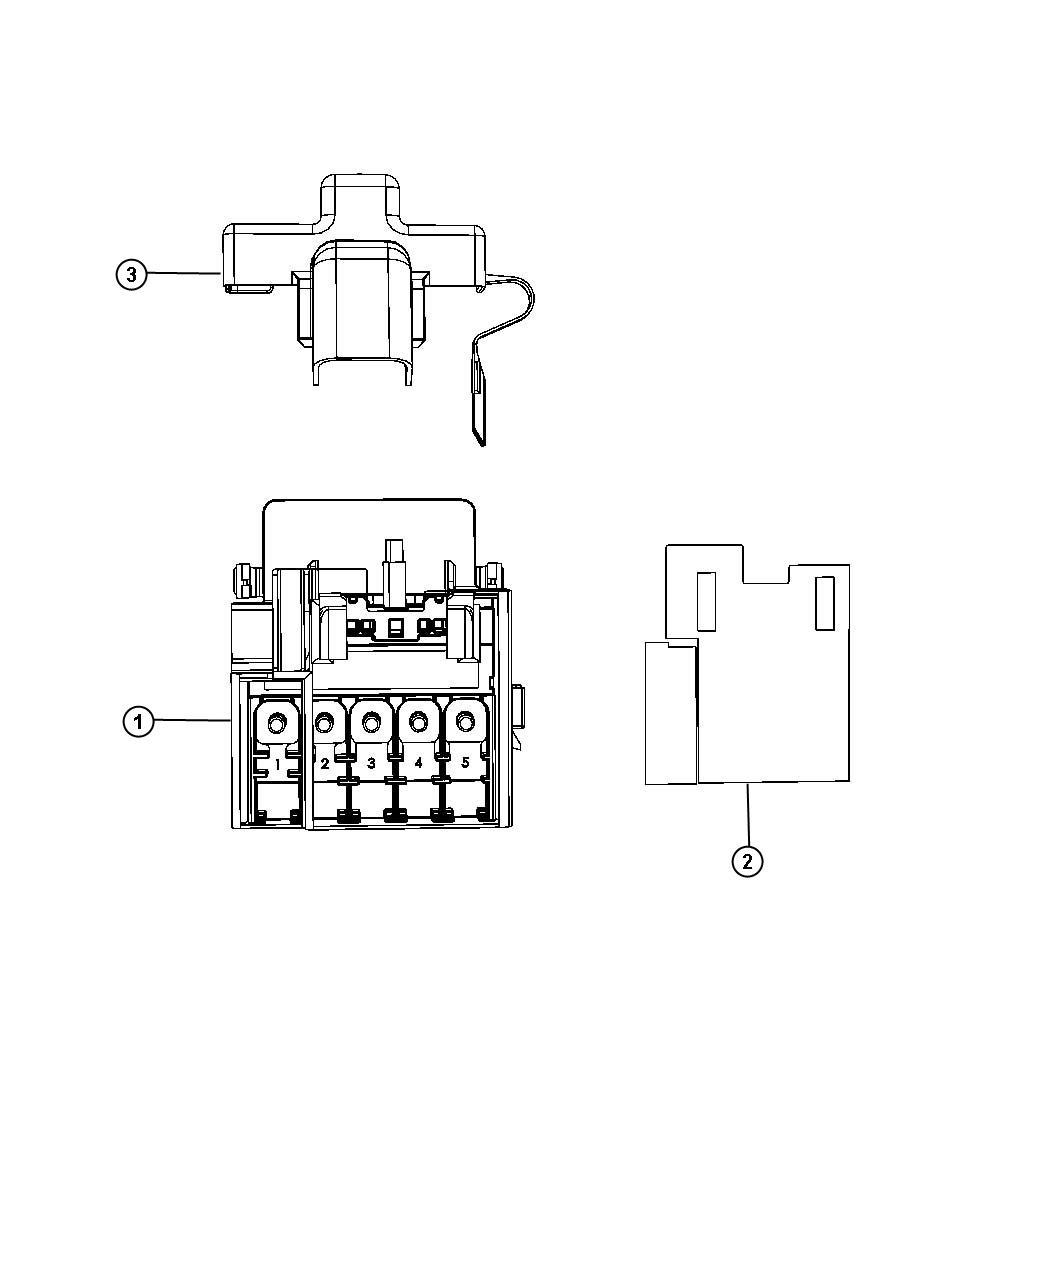 2013 dodge durango fuse box 2013 dodge durango fuse diagram #1